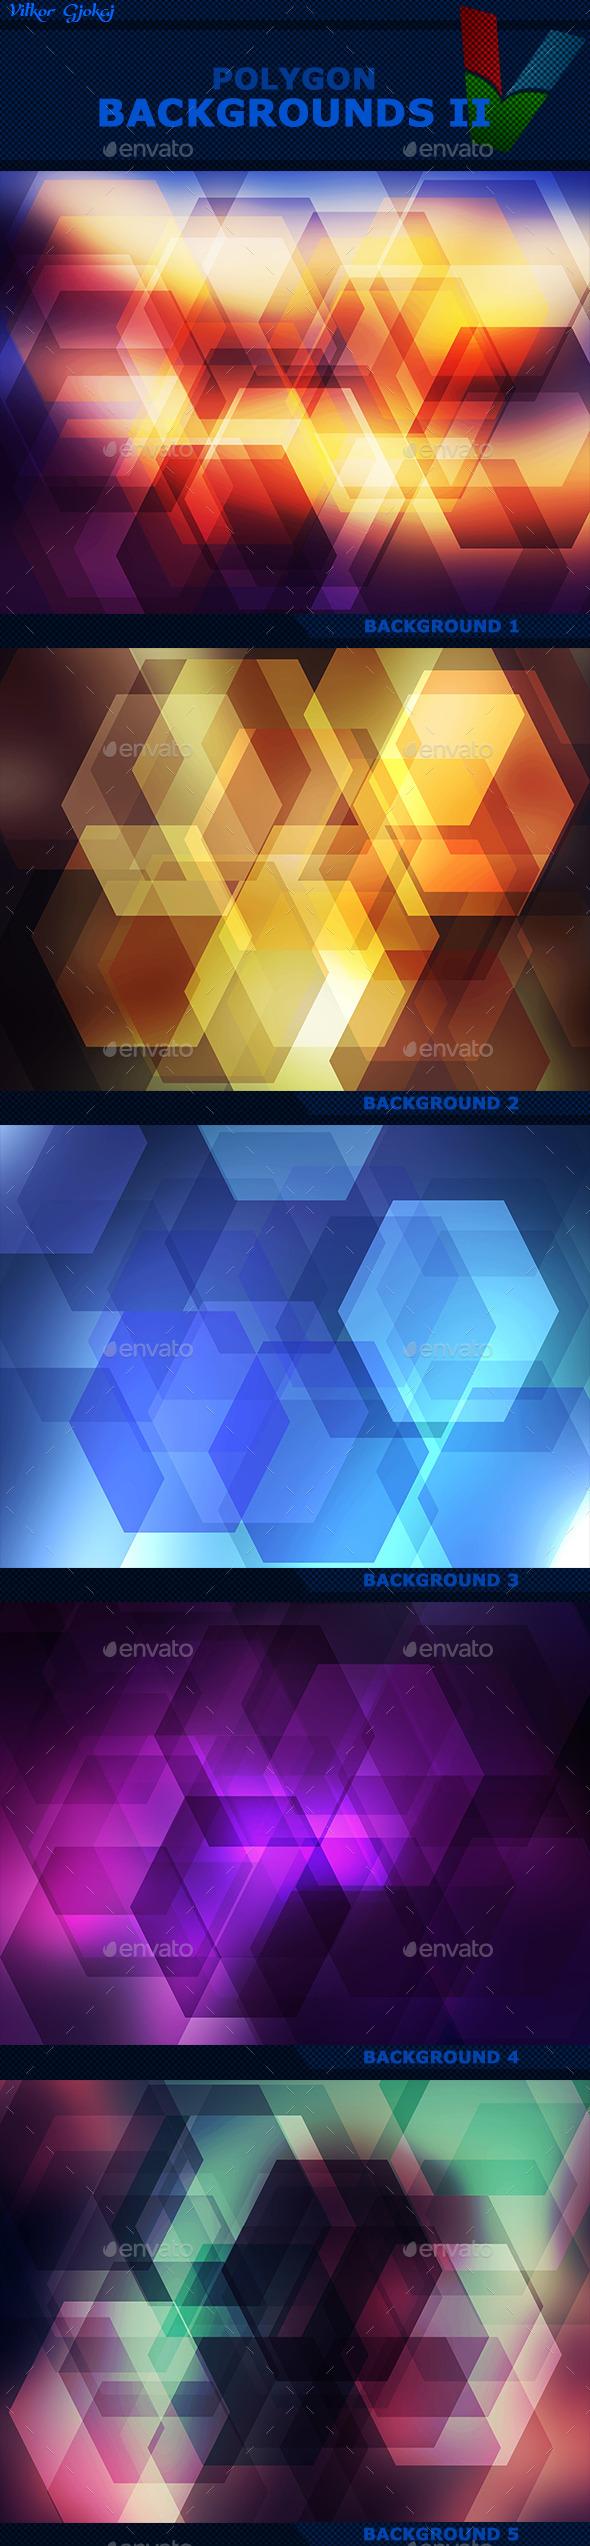 Polygon Backgrounds II